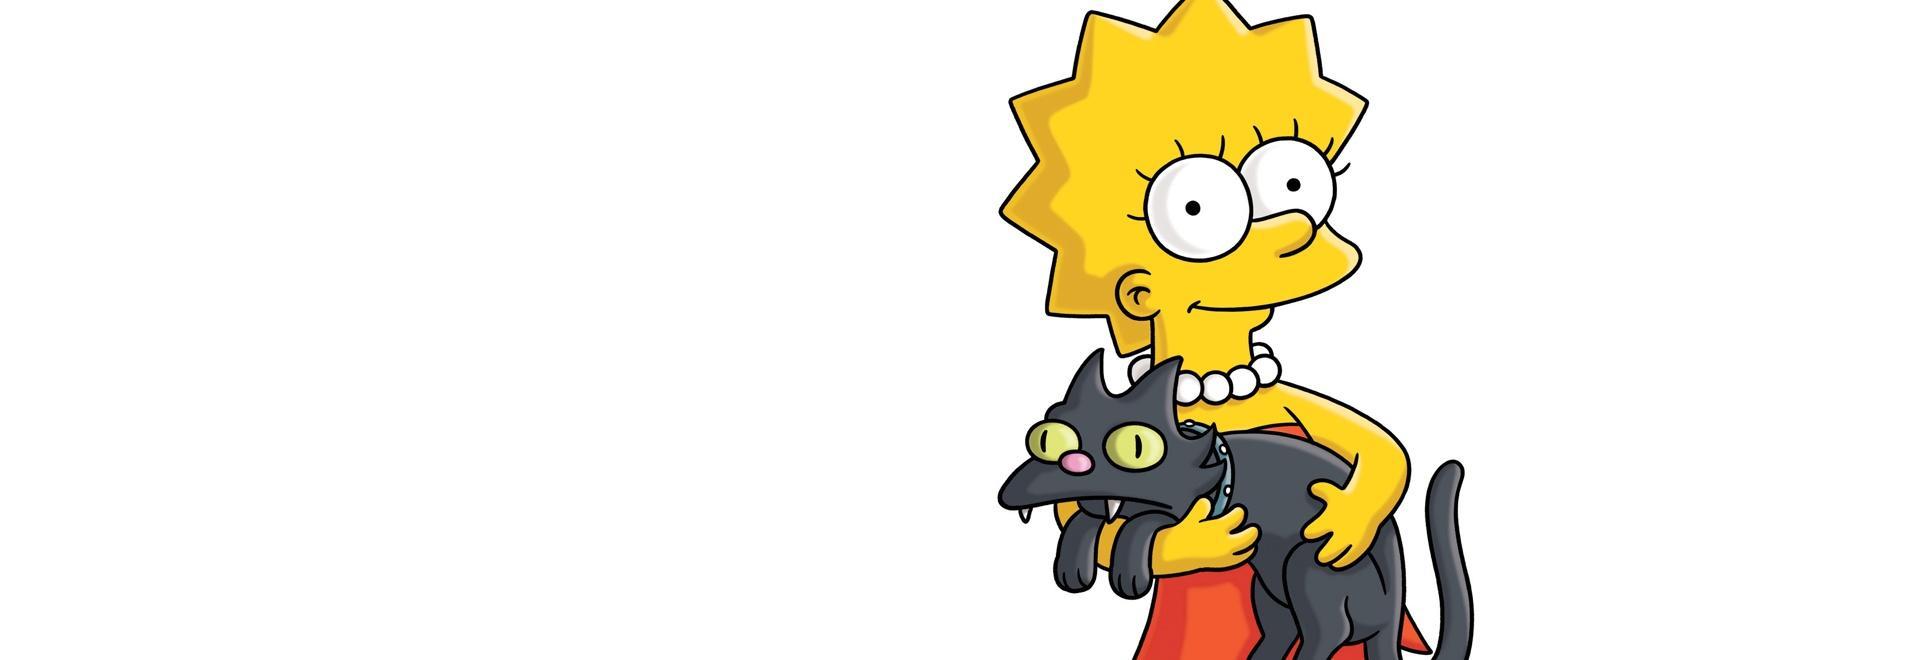 Come eravamo... a Springfield